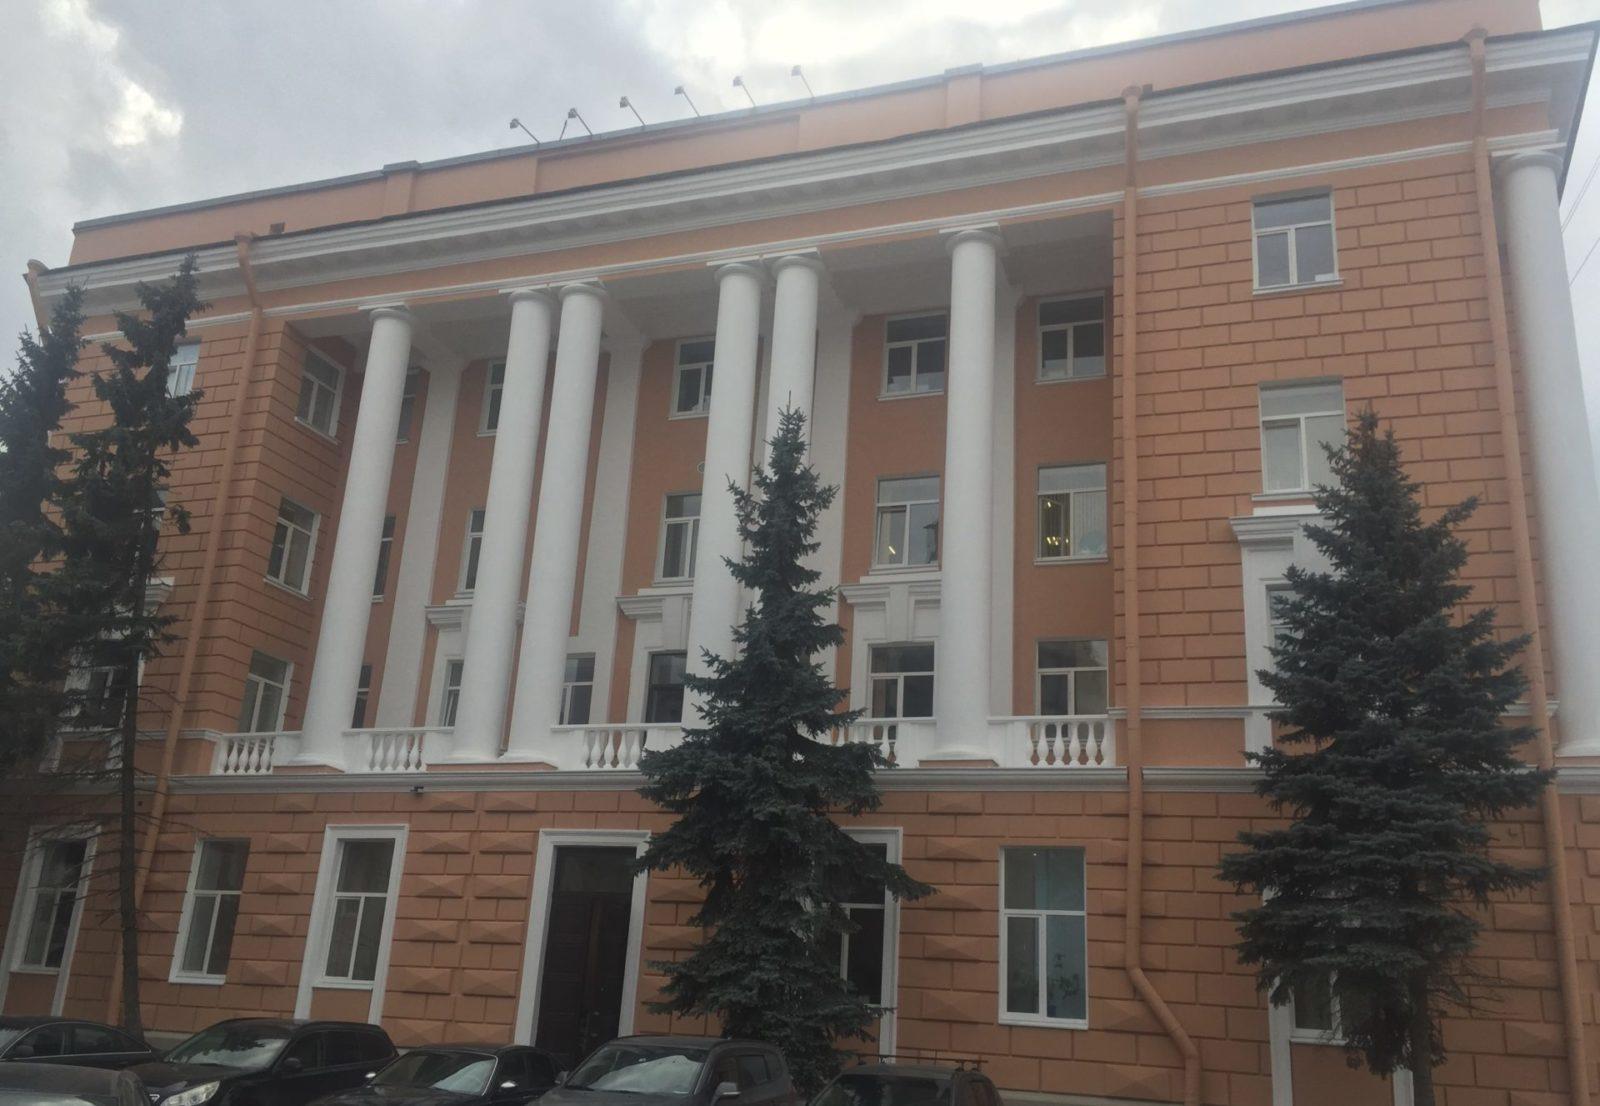 Проведен качественный ремонт фасада на ул. Набережная Обводного канала, д.14 в СПб